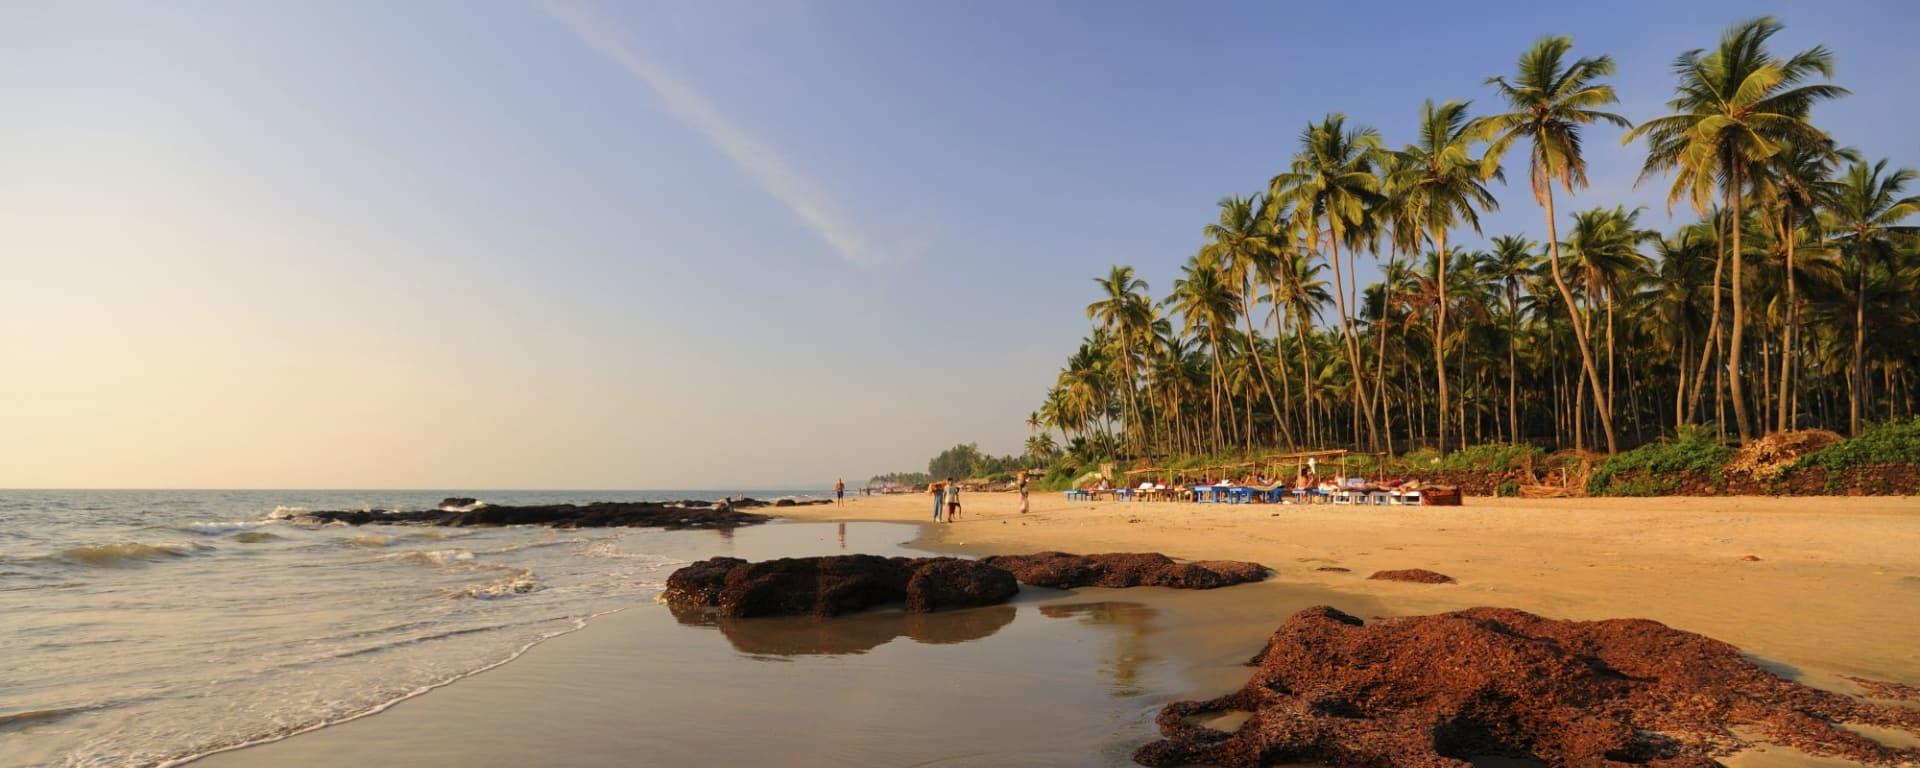 Vielfältiges Goa: Morjim Beach in Goa